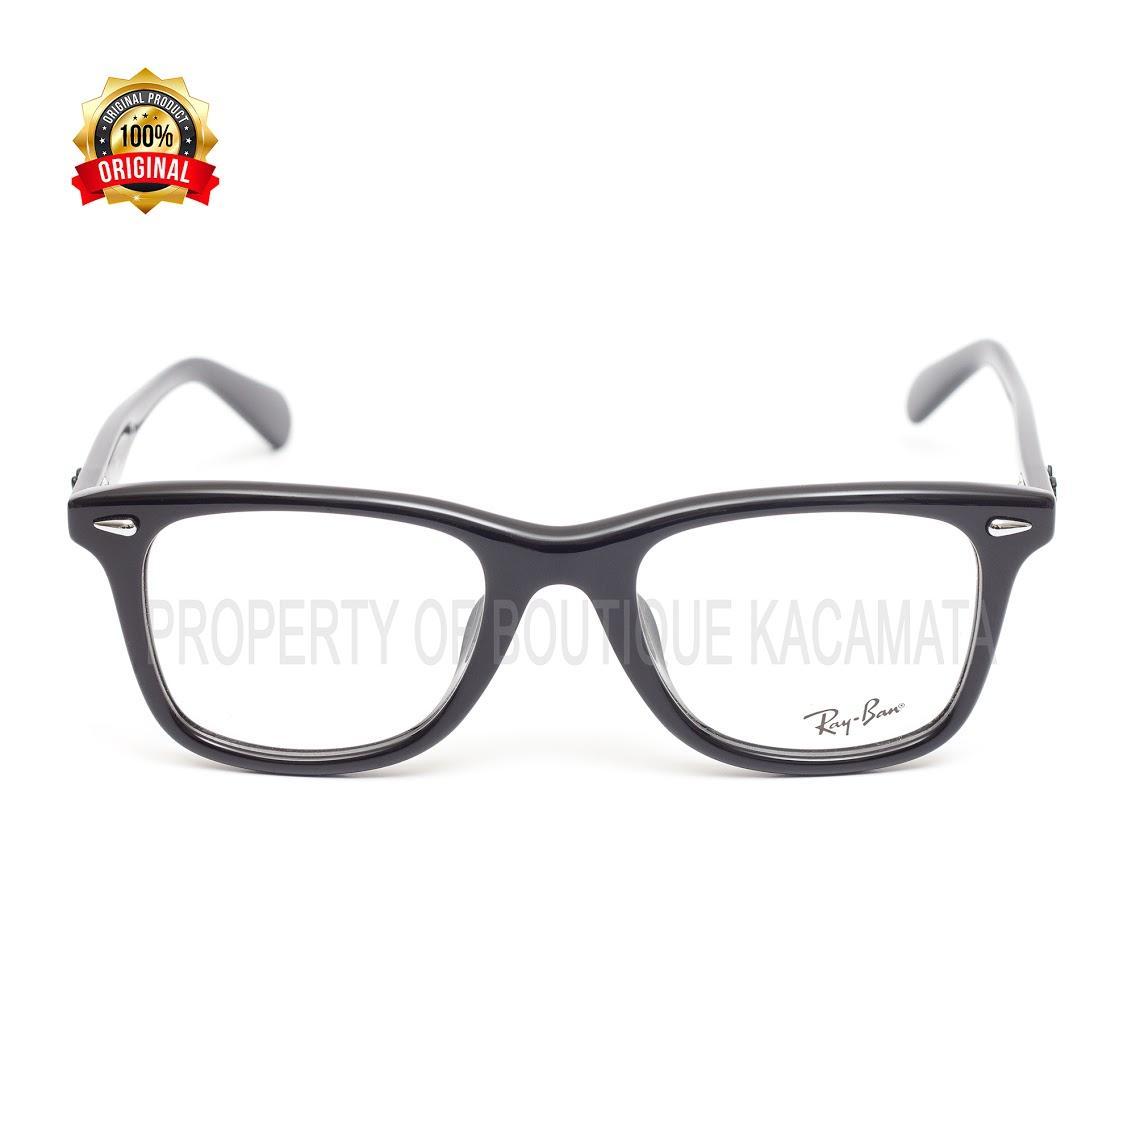 Kacamata Rayban Original 5317-2000